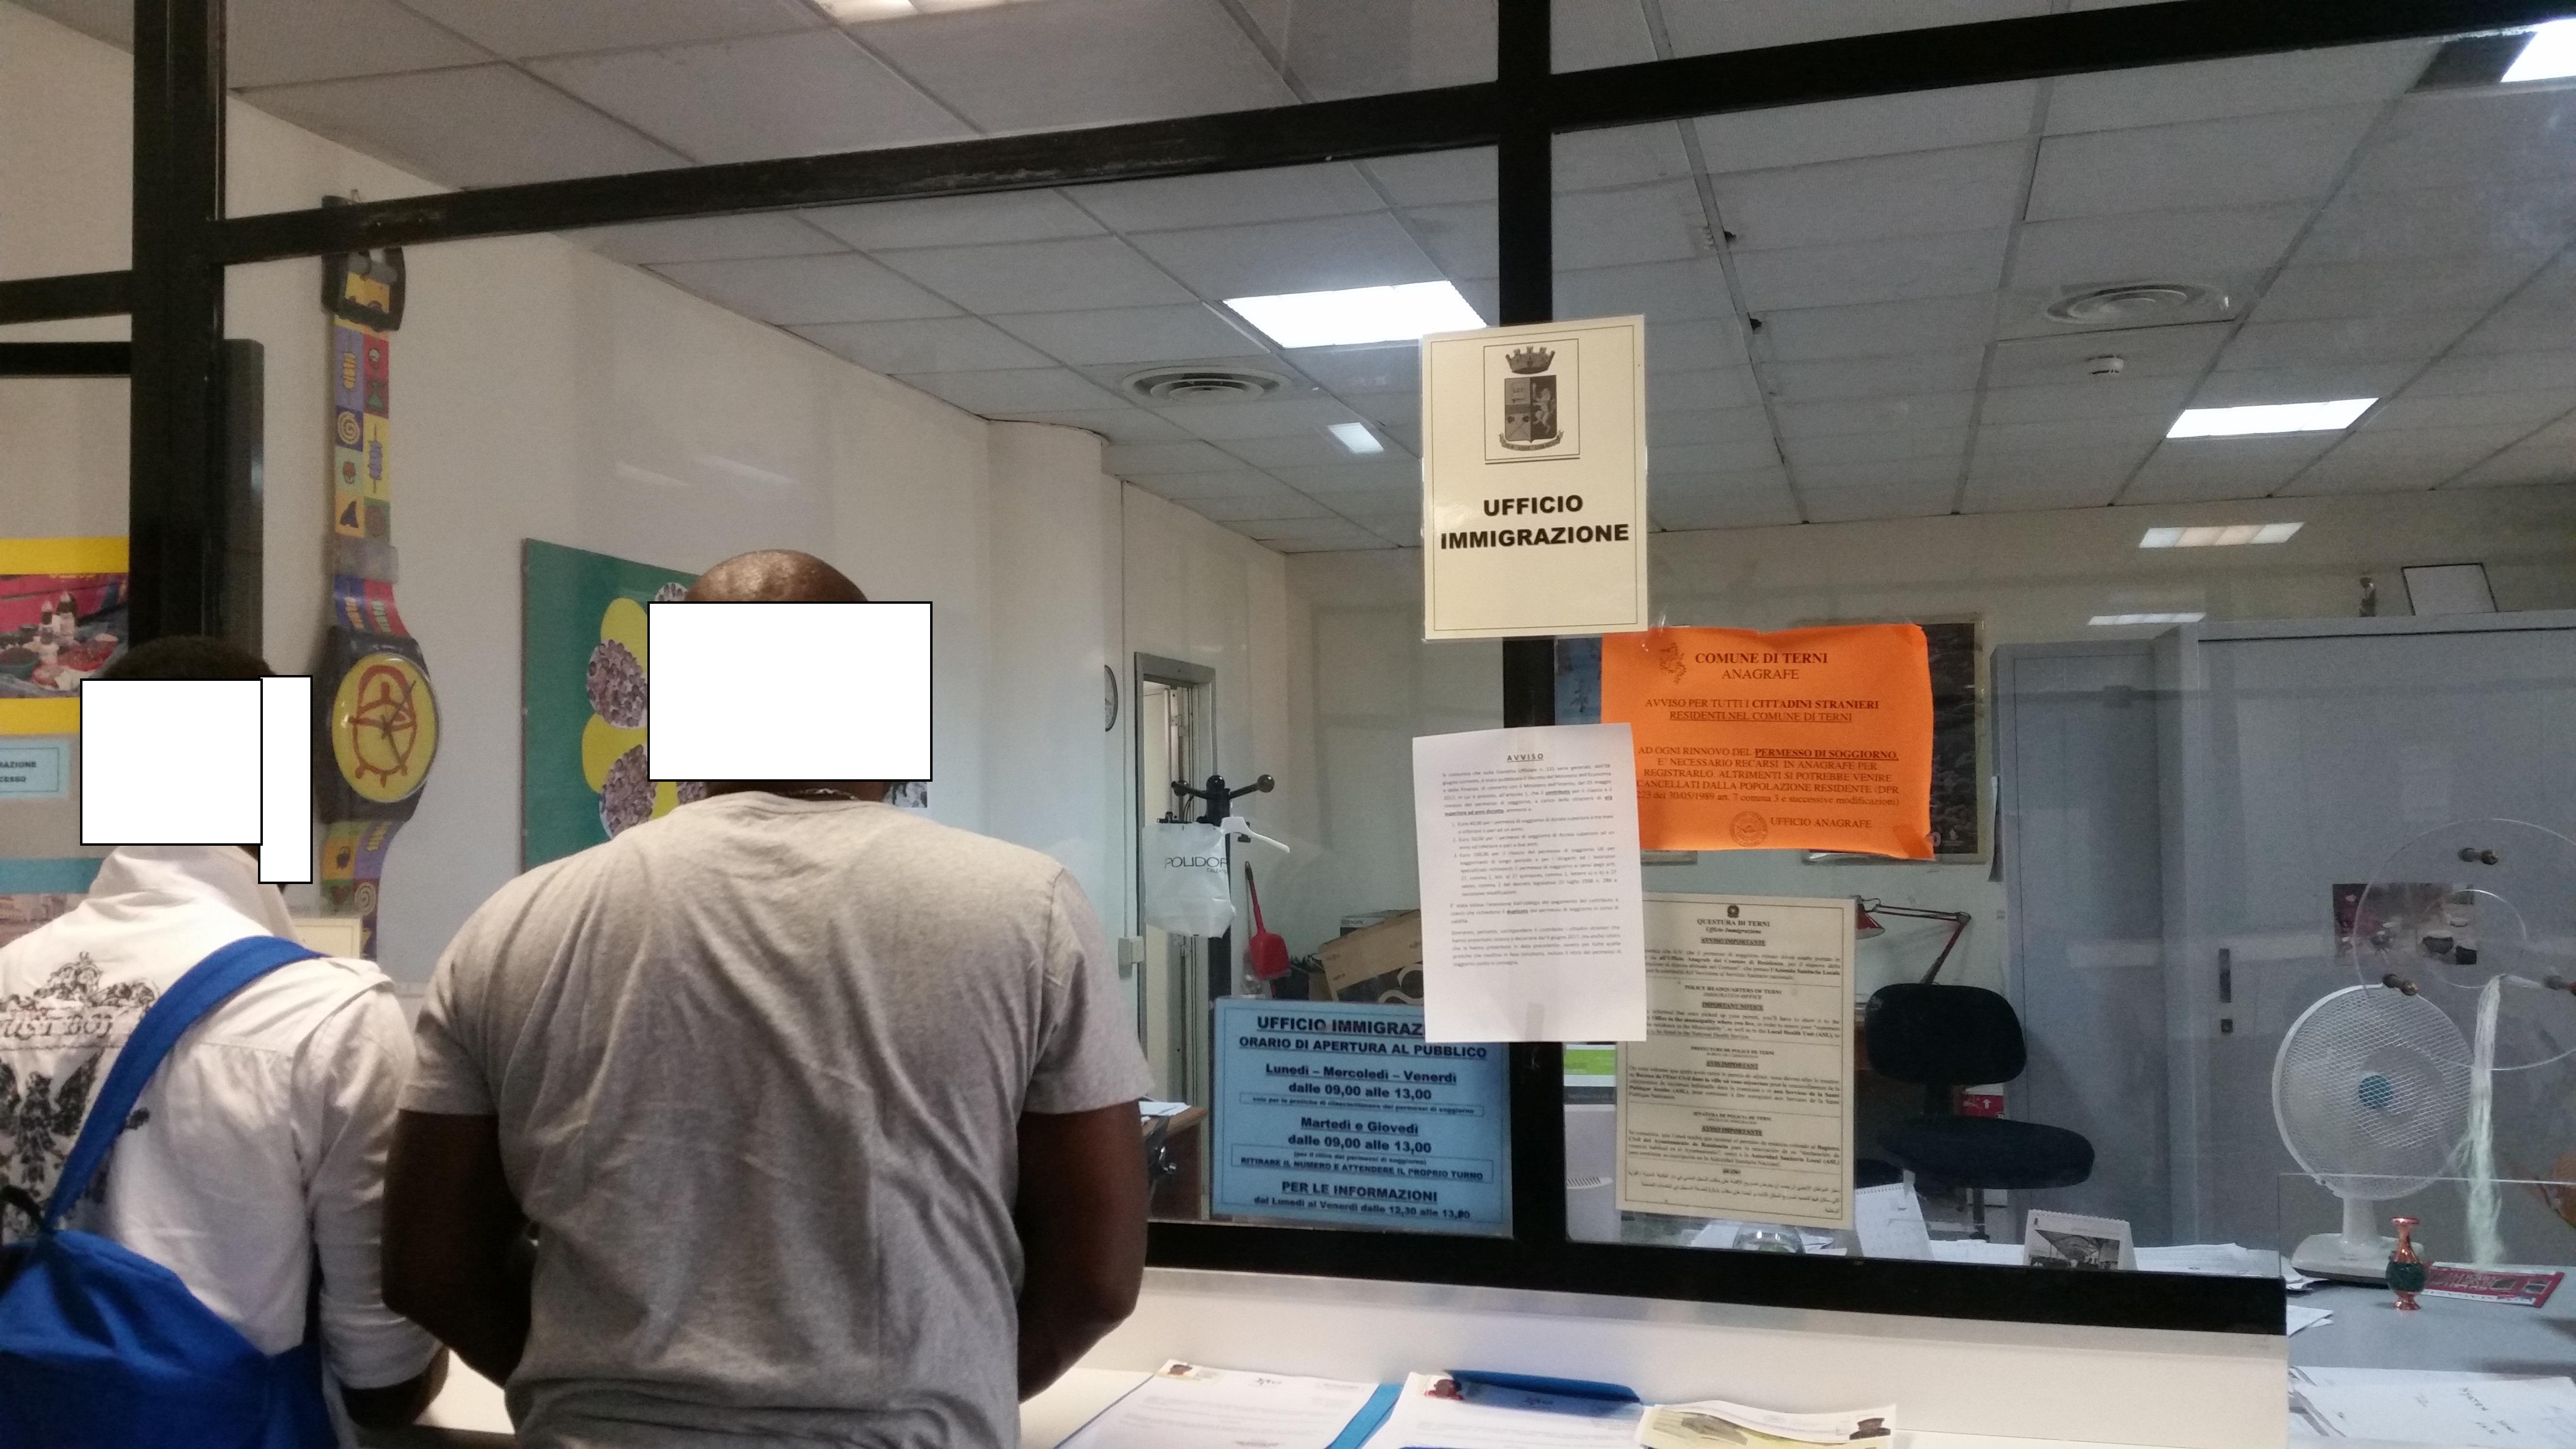 Chiede Il Ricongiungimento Familiare Ma Viene Arrestato Dalla Polizia Di Stato